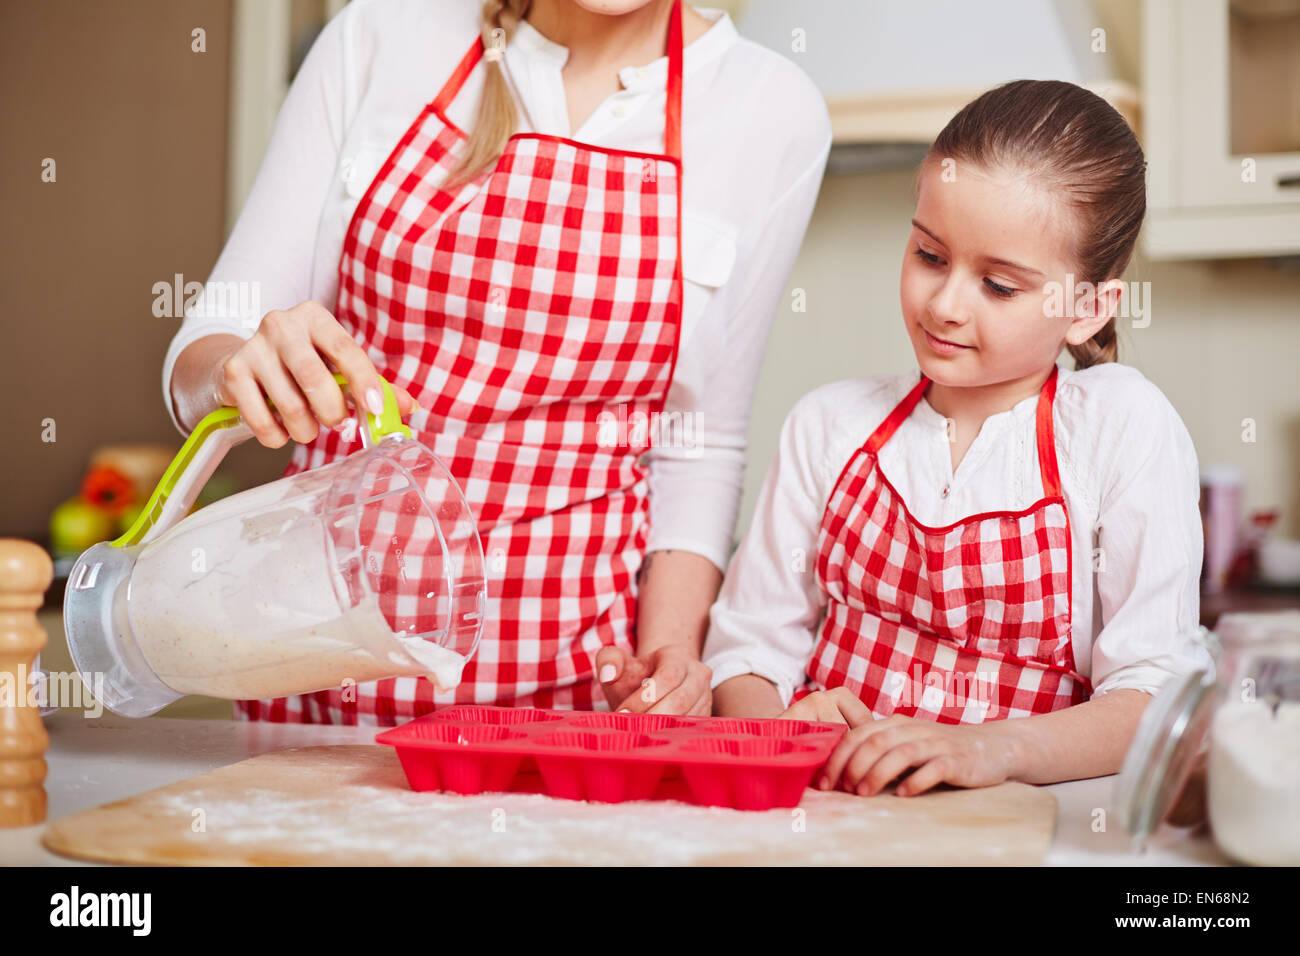 Neugierige Mädchen Blick auf ihre Mutter in Muffin-Formen mit flüssigen Teig füllen Stockbild